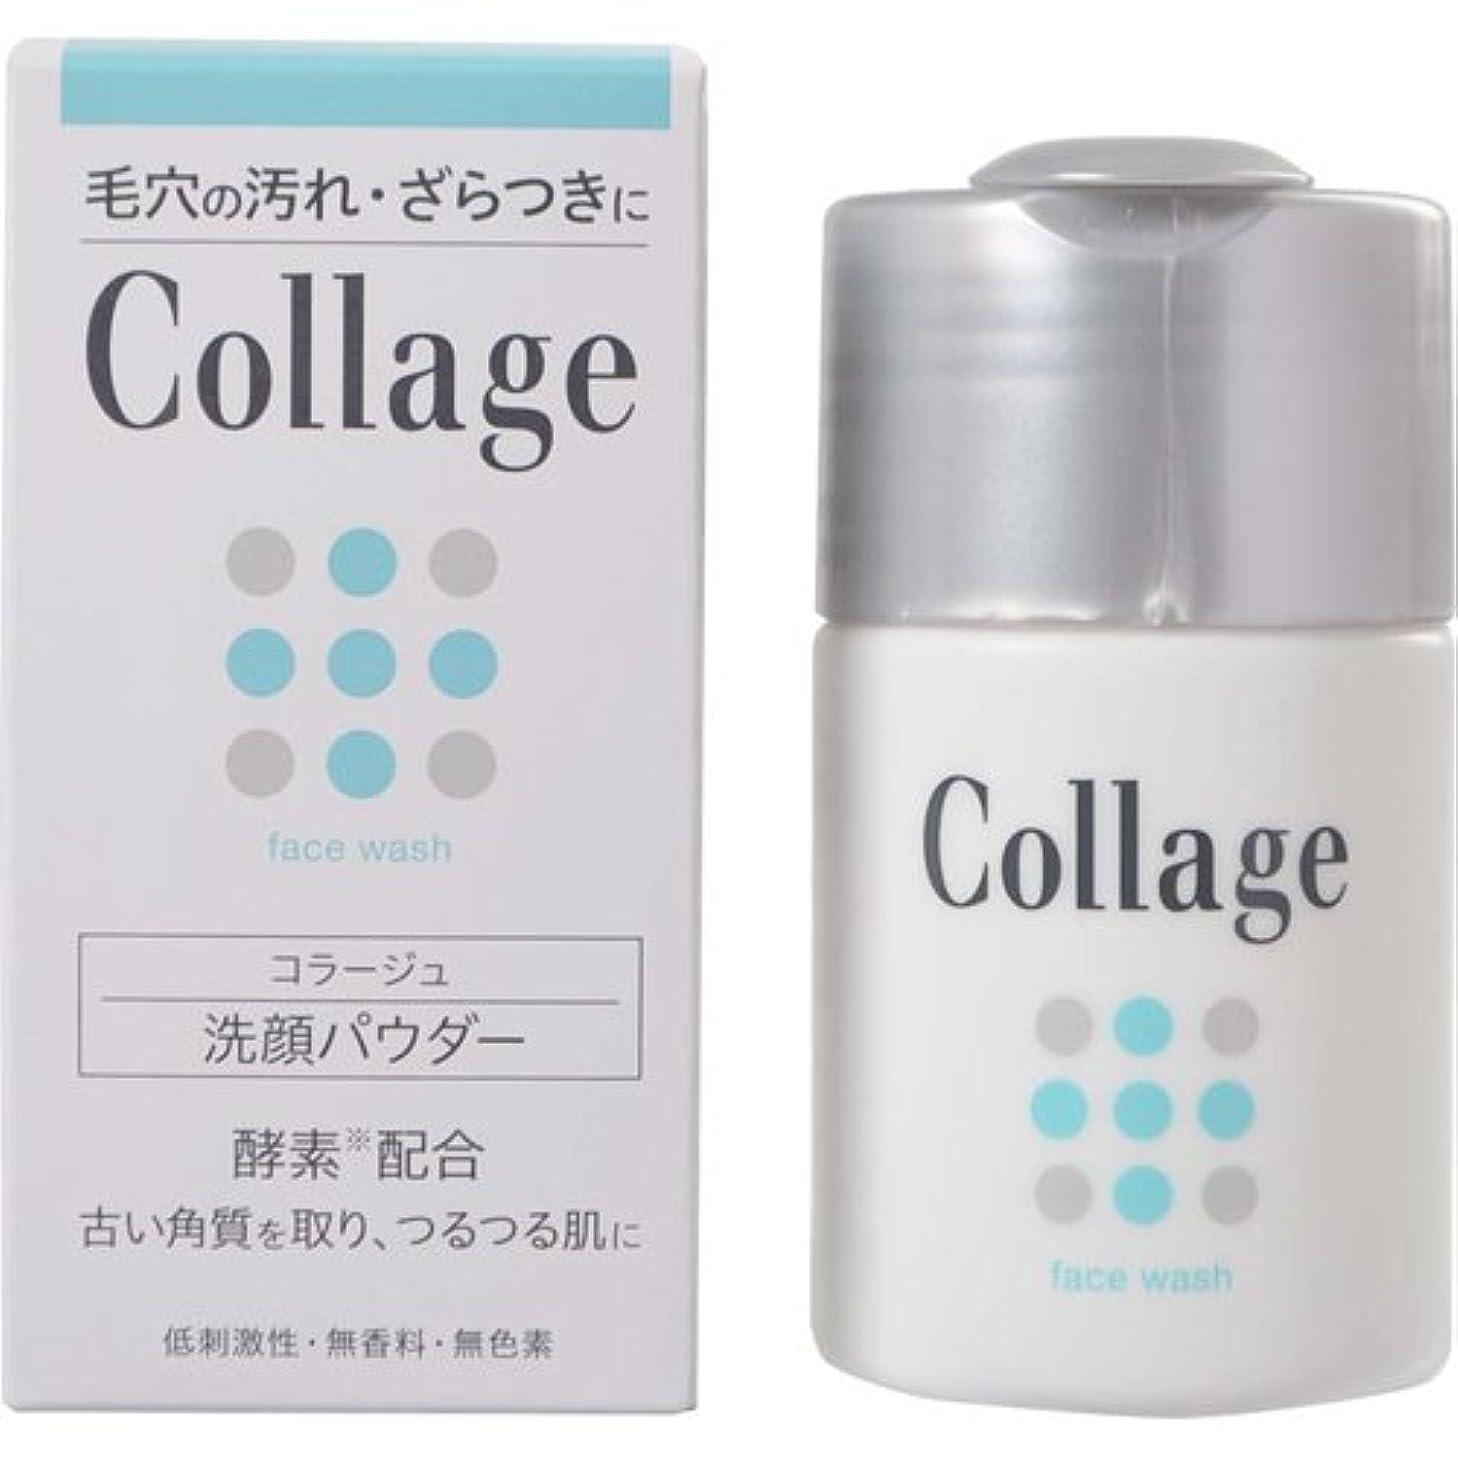 アセ溶融承認するコラージュ 洗顔パウダー 40g